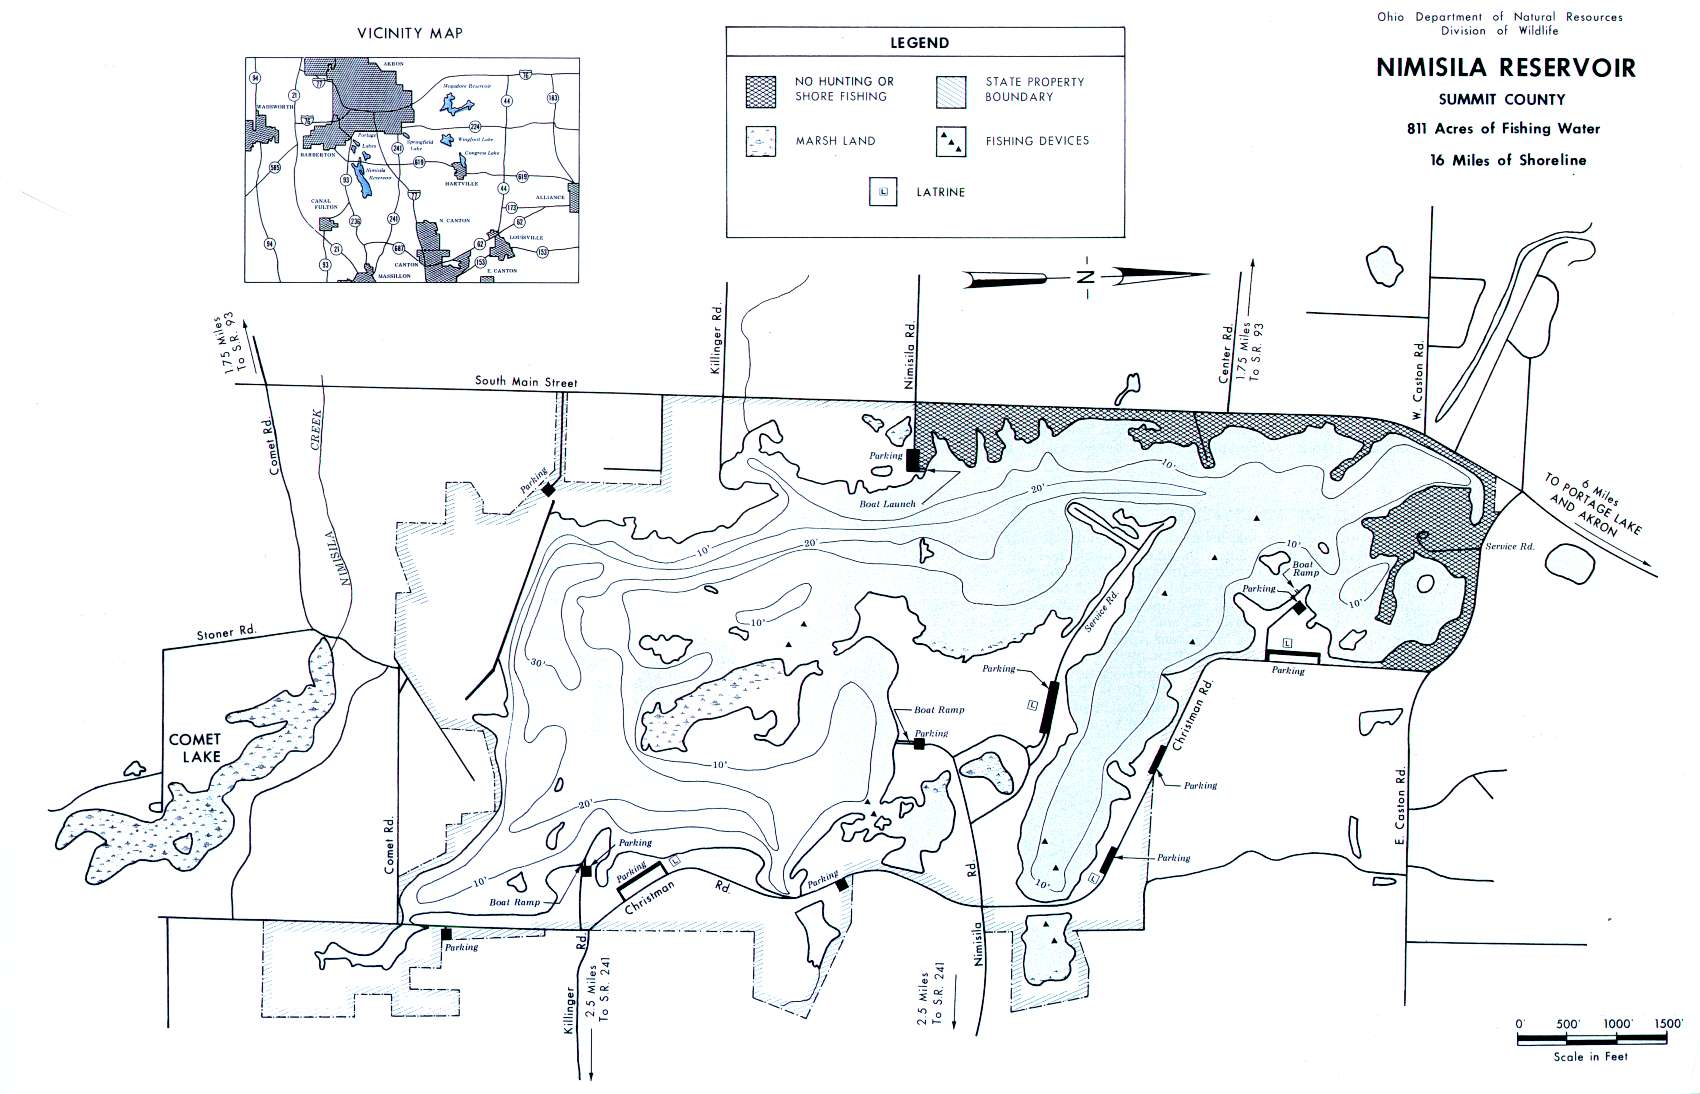 Northeast Ohio Lake Maps